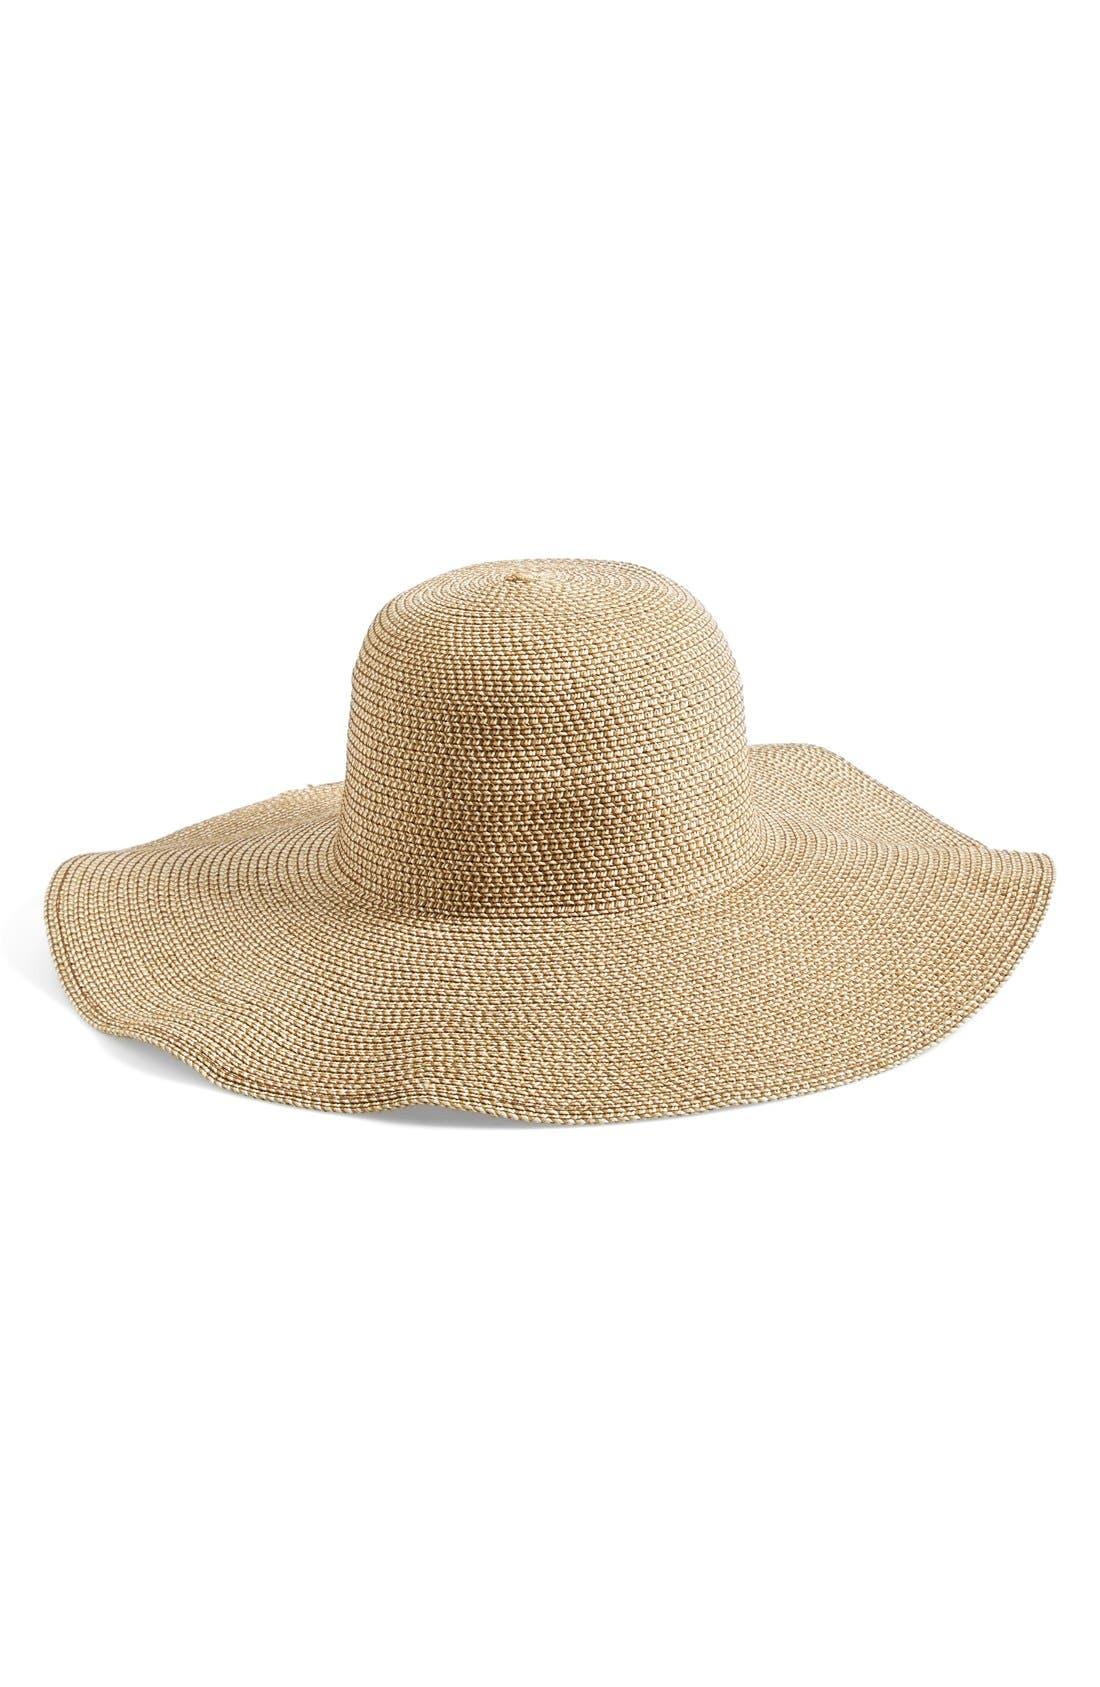 Alternate Image 1 Selected - BP. Floppy Straw Look Hat